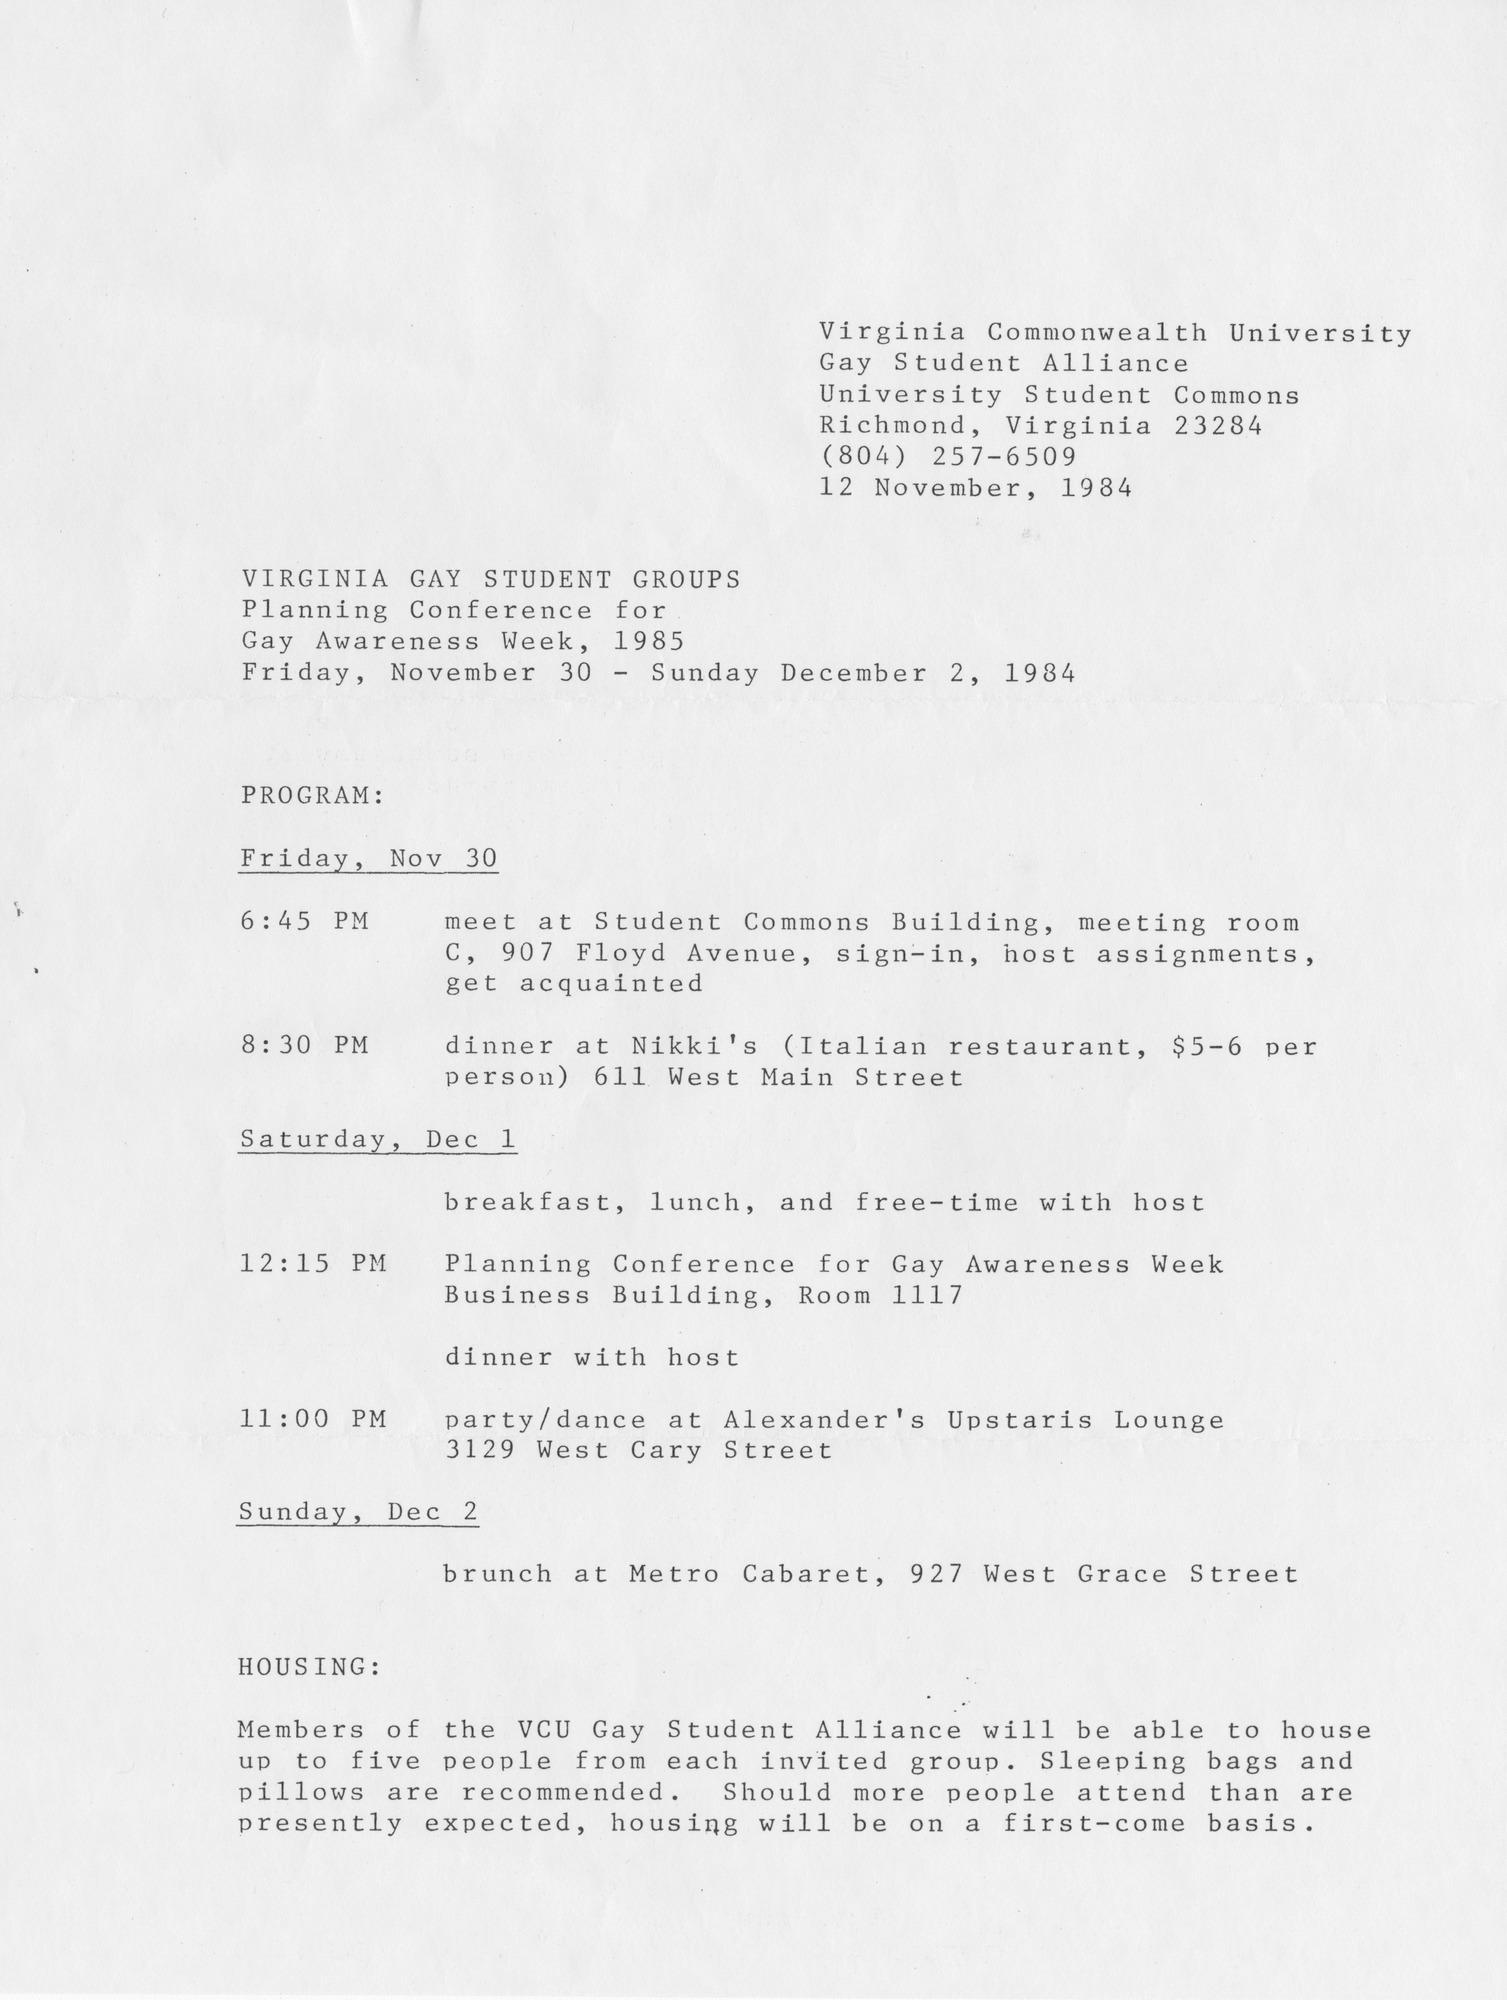 Ms2014-010_WeberMark_CorrespondenceRobertRiddle_1985_1112a.jpg